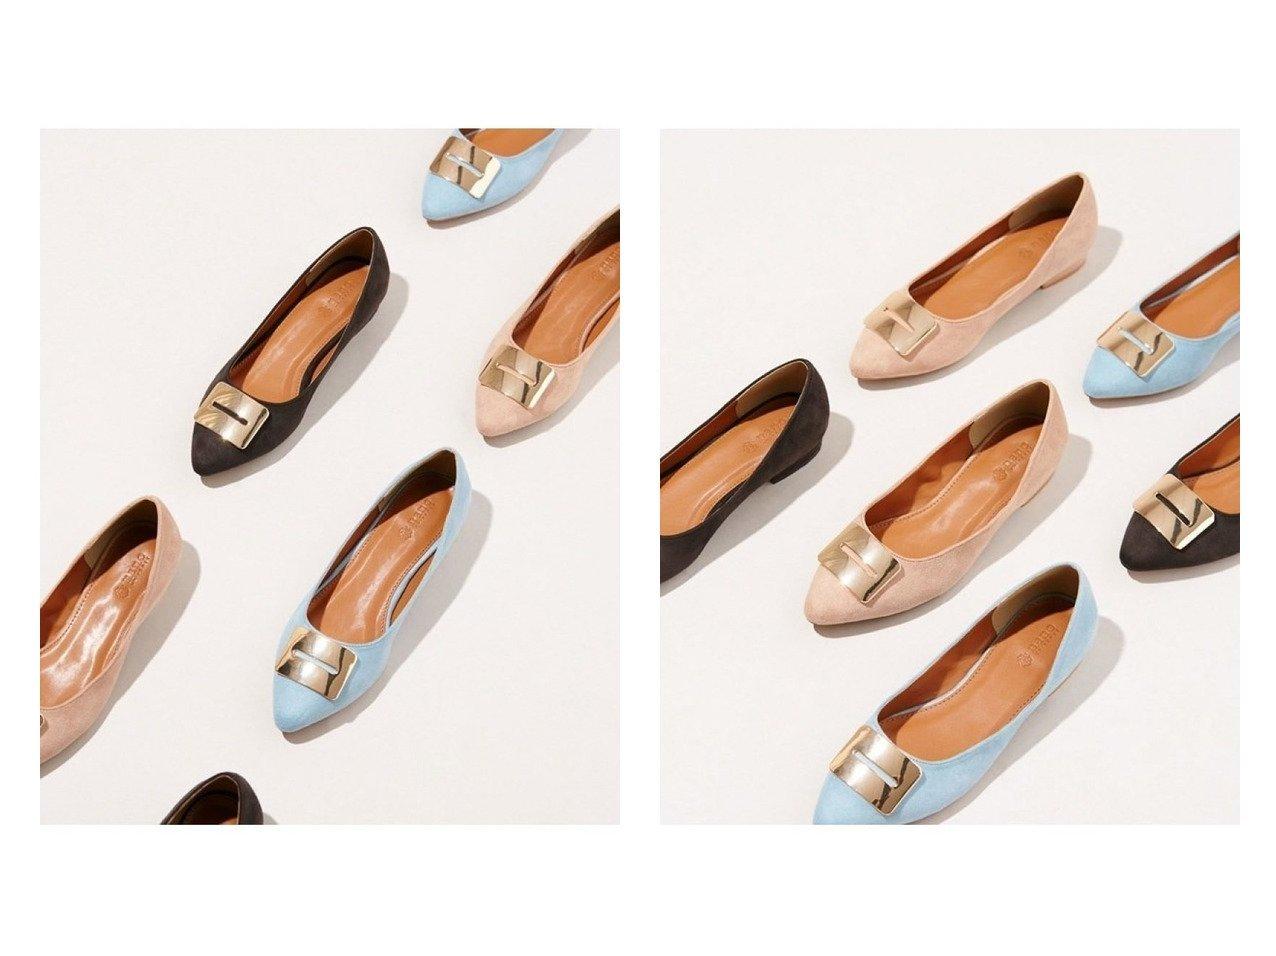 【nano universe/ナノ ユニバース】のメタルフラットパンプス シューズ・靴のおすすめ!人気、トレンド・レディースファッションの通販 おすすめで人気の流行・トレンド、ファッションの通販商品 メンズファッション・キッズファッション・インテリア・家具・レディースファッション・服の通販 founy(ファニー) https://founy.com/ ファッション Fashion レディースファッション WOMEN NEW・新作・新着・新入荷 New Arrivals アーモンドトゥ インソール エレガント クッション シューズ スクエア フェイクスエード フォルム フラット メタル モチーフ |ID:crp329100000022546